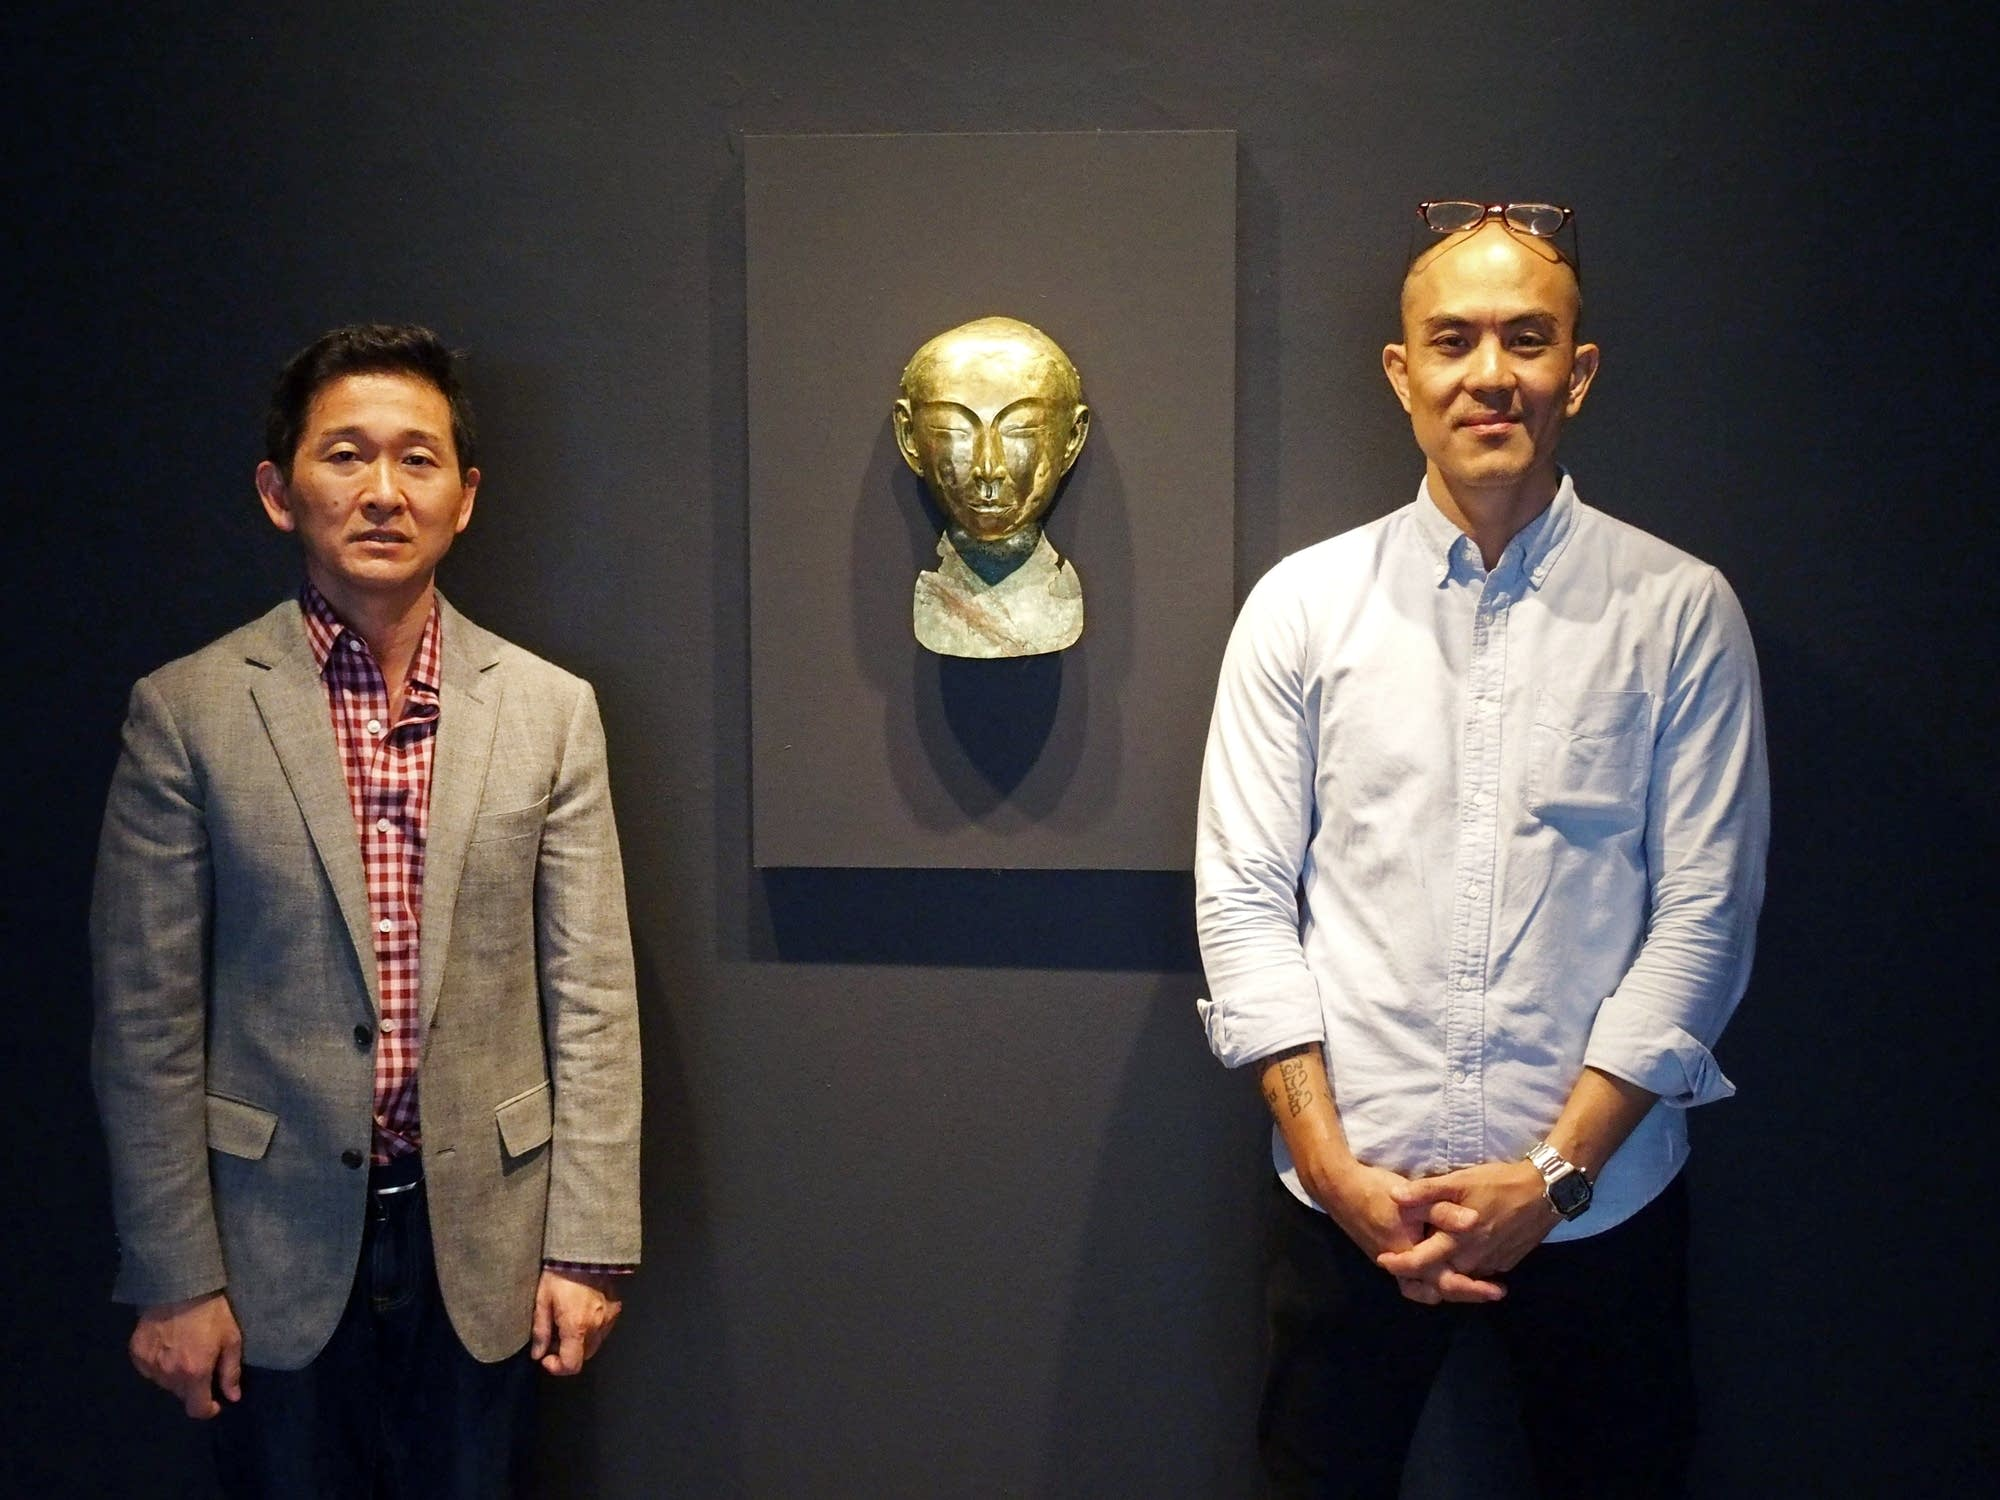 Yasufumi Nakamori, left, and Tuan Andrew Nguyen